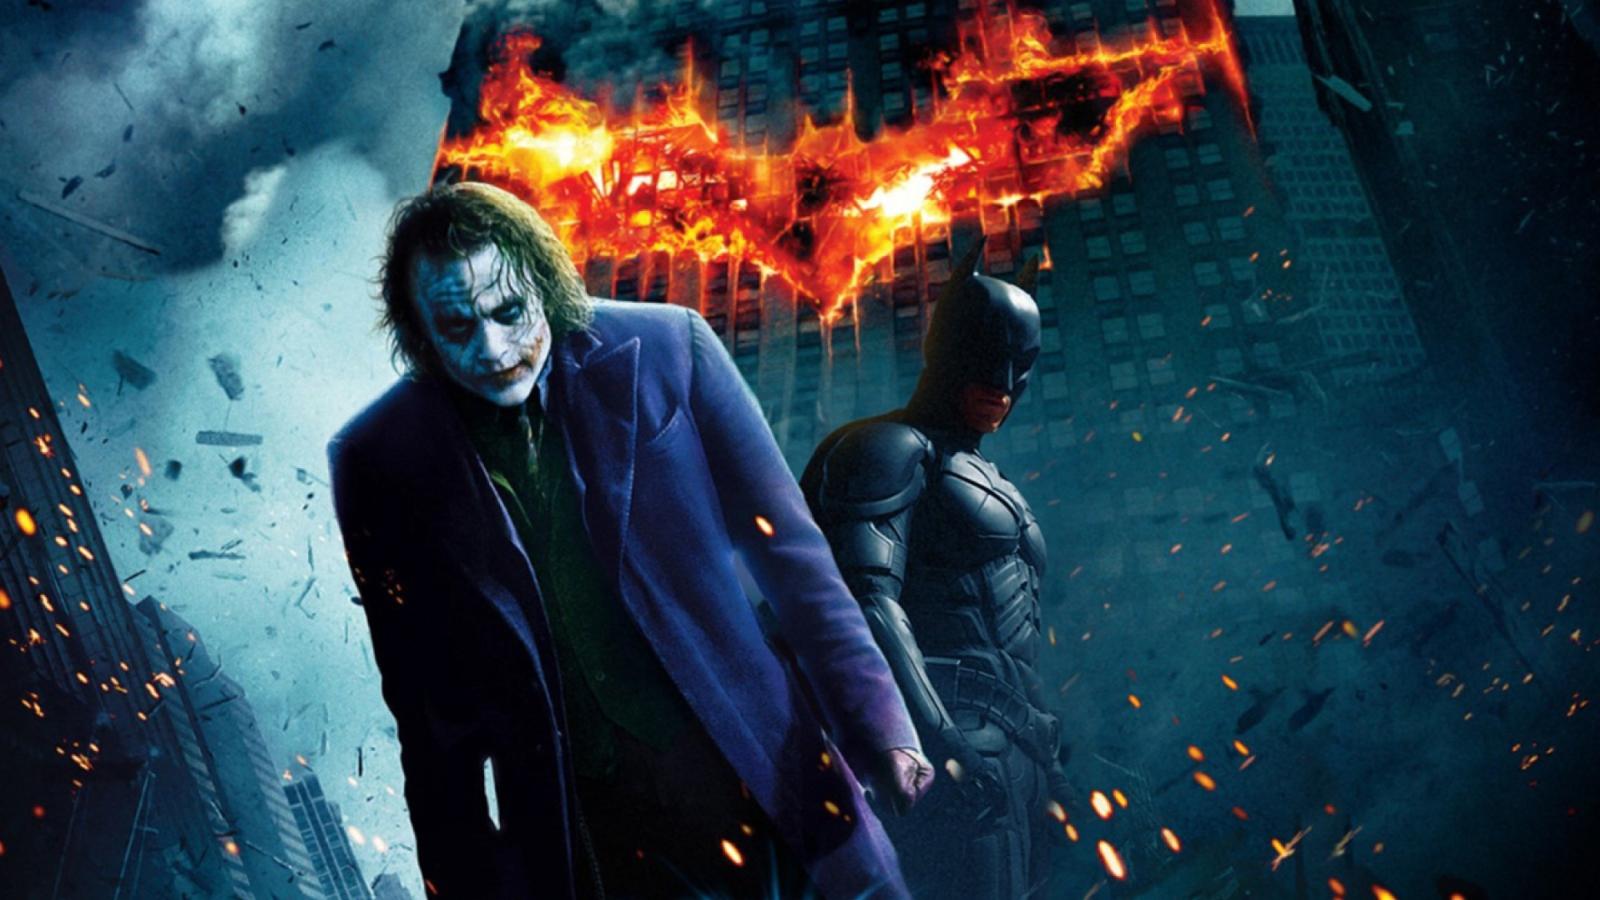 Бэтмен герои комиксов Джокер  № 3922512 загрузить